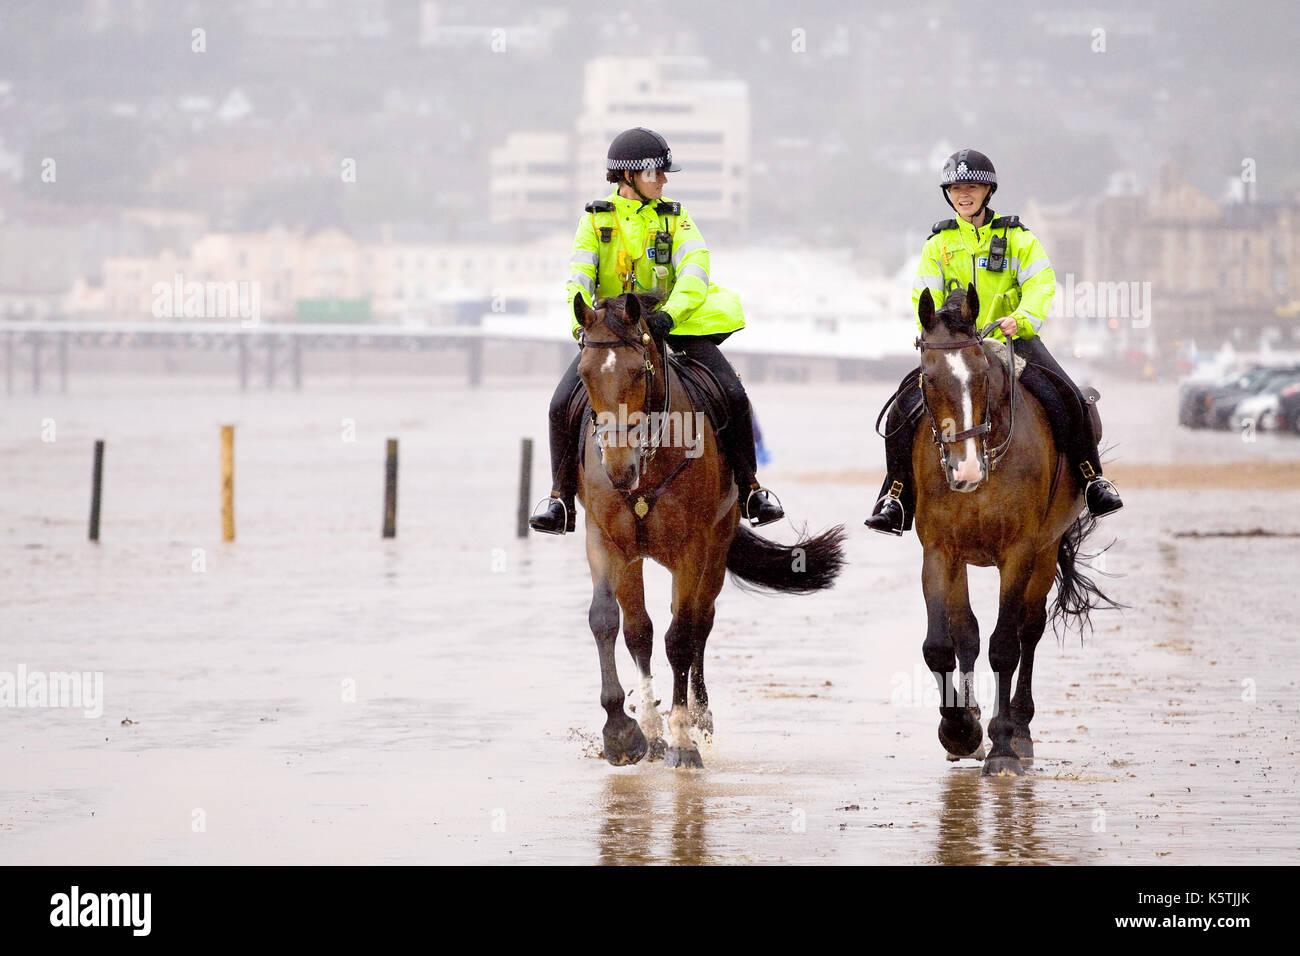 Deux mouned police woman, en patrouille, en uniformes fluorescents équitation.leurs chevaux de police le long d'une plage dans le vent humide. Photo Stock